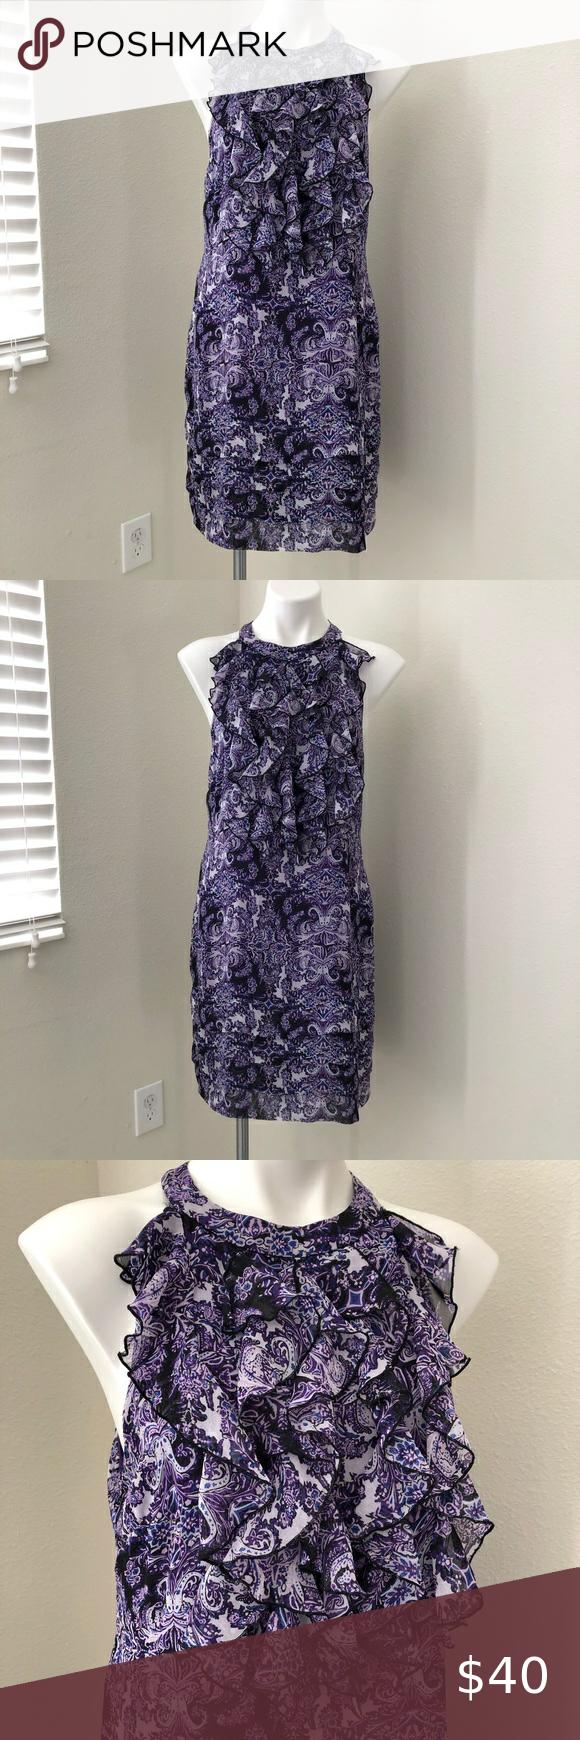 Ice Purple Sleeveless Dress Size 12 Women Size 12 Women Dresses Sleeveless Dress [ 1740 x 580 Pixel ]